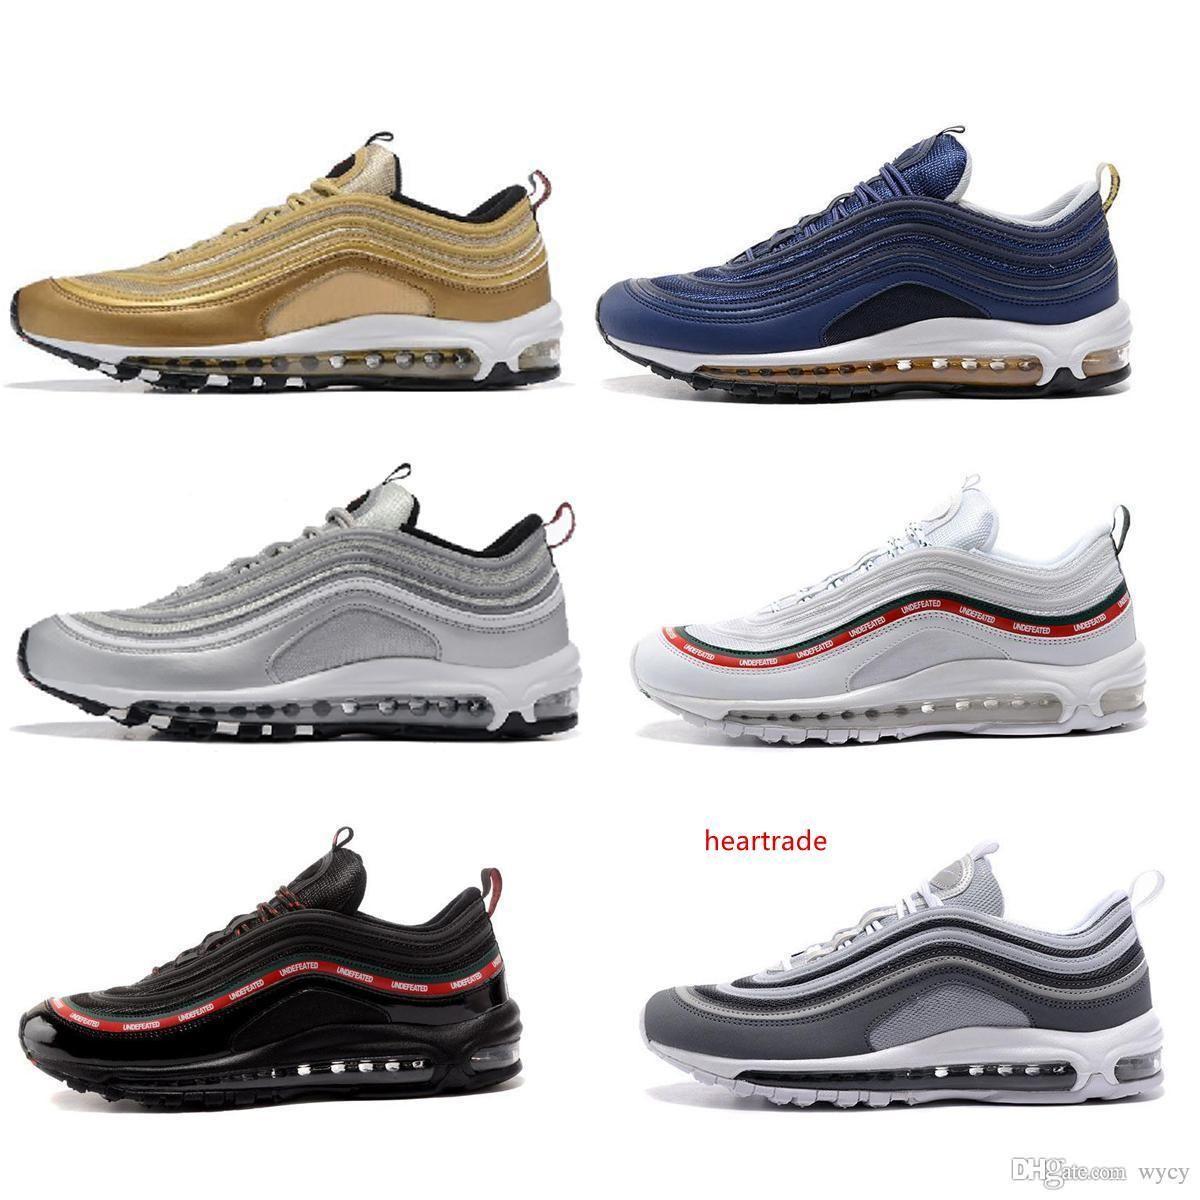 Heißer Verkauf Männer Schuhe Kissen KPU Kunststoff Günstige Trainingsschuhe Mode Großhandel Outdoor Laufschuhe Turnschuhe Größe SZ36-45